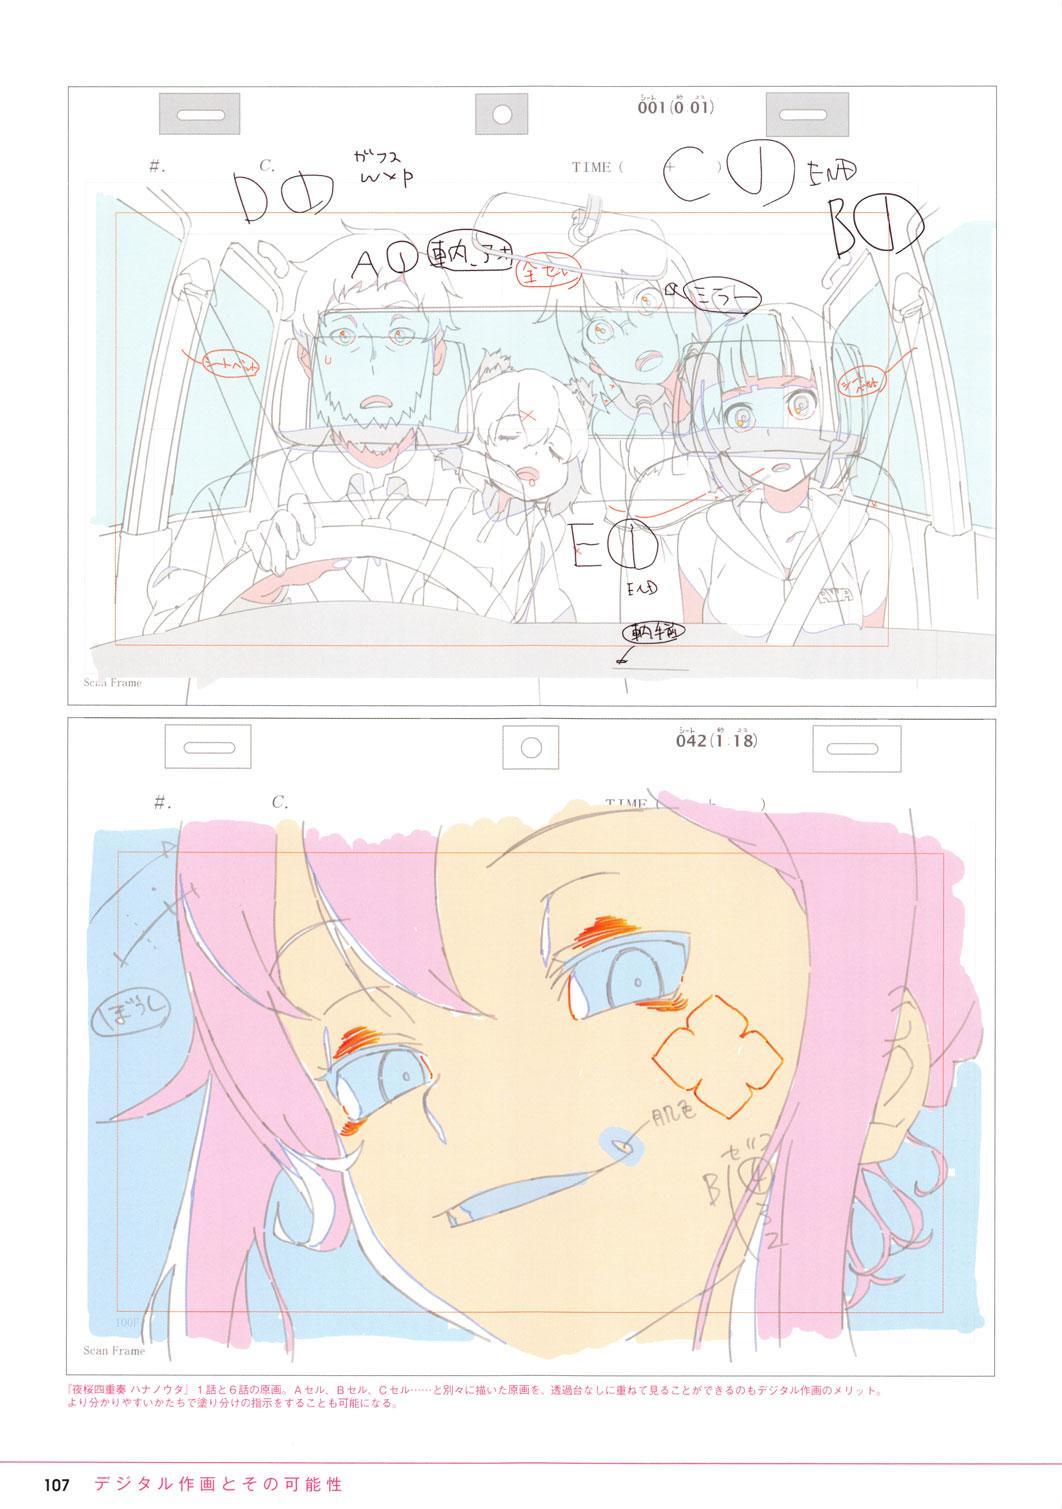 外行从动画《白箱》中对日本动画制作感到疑惑的地方?相关的图片